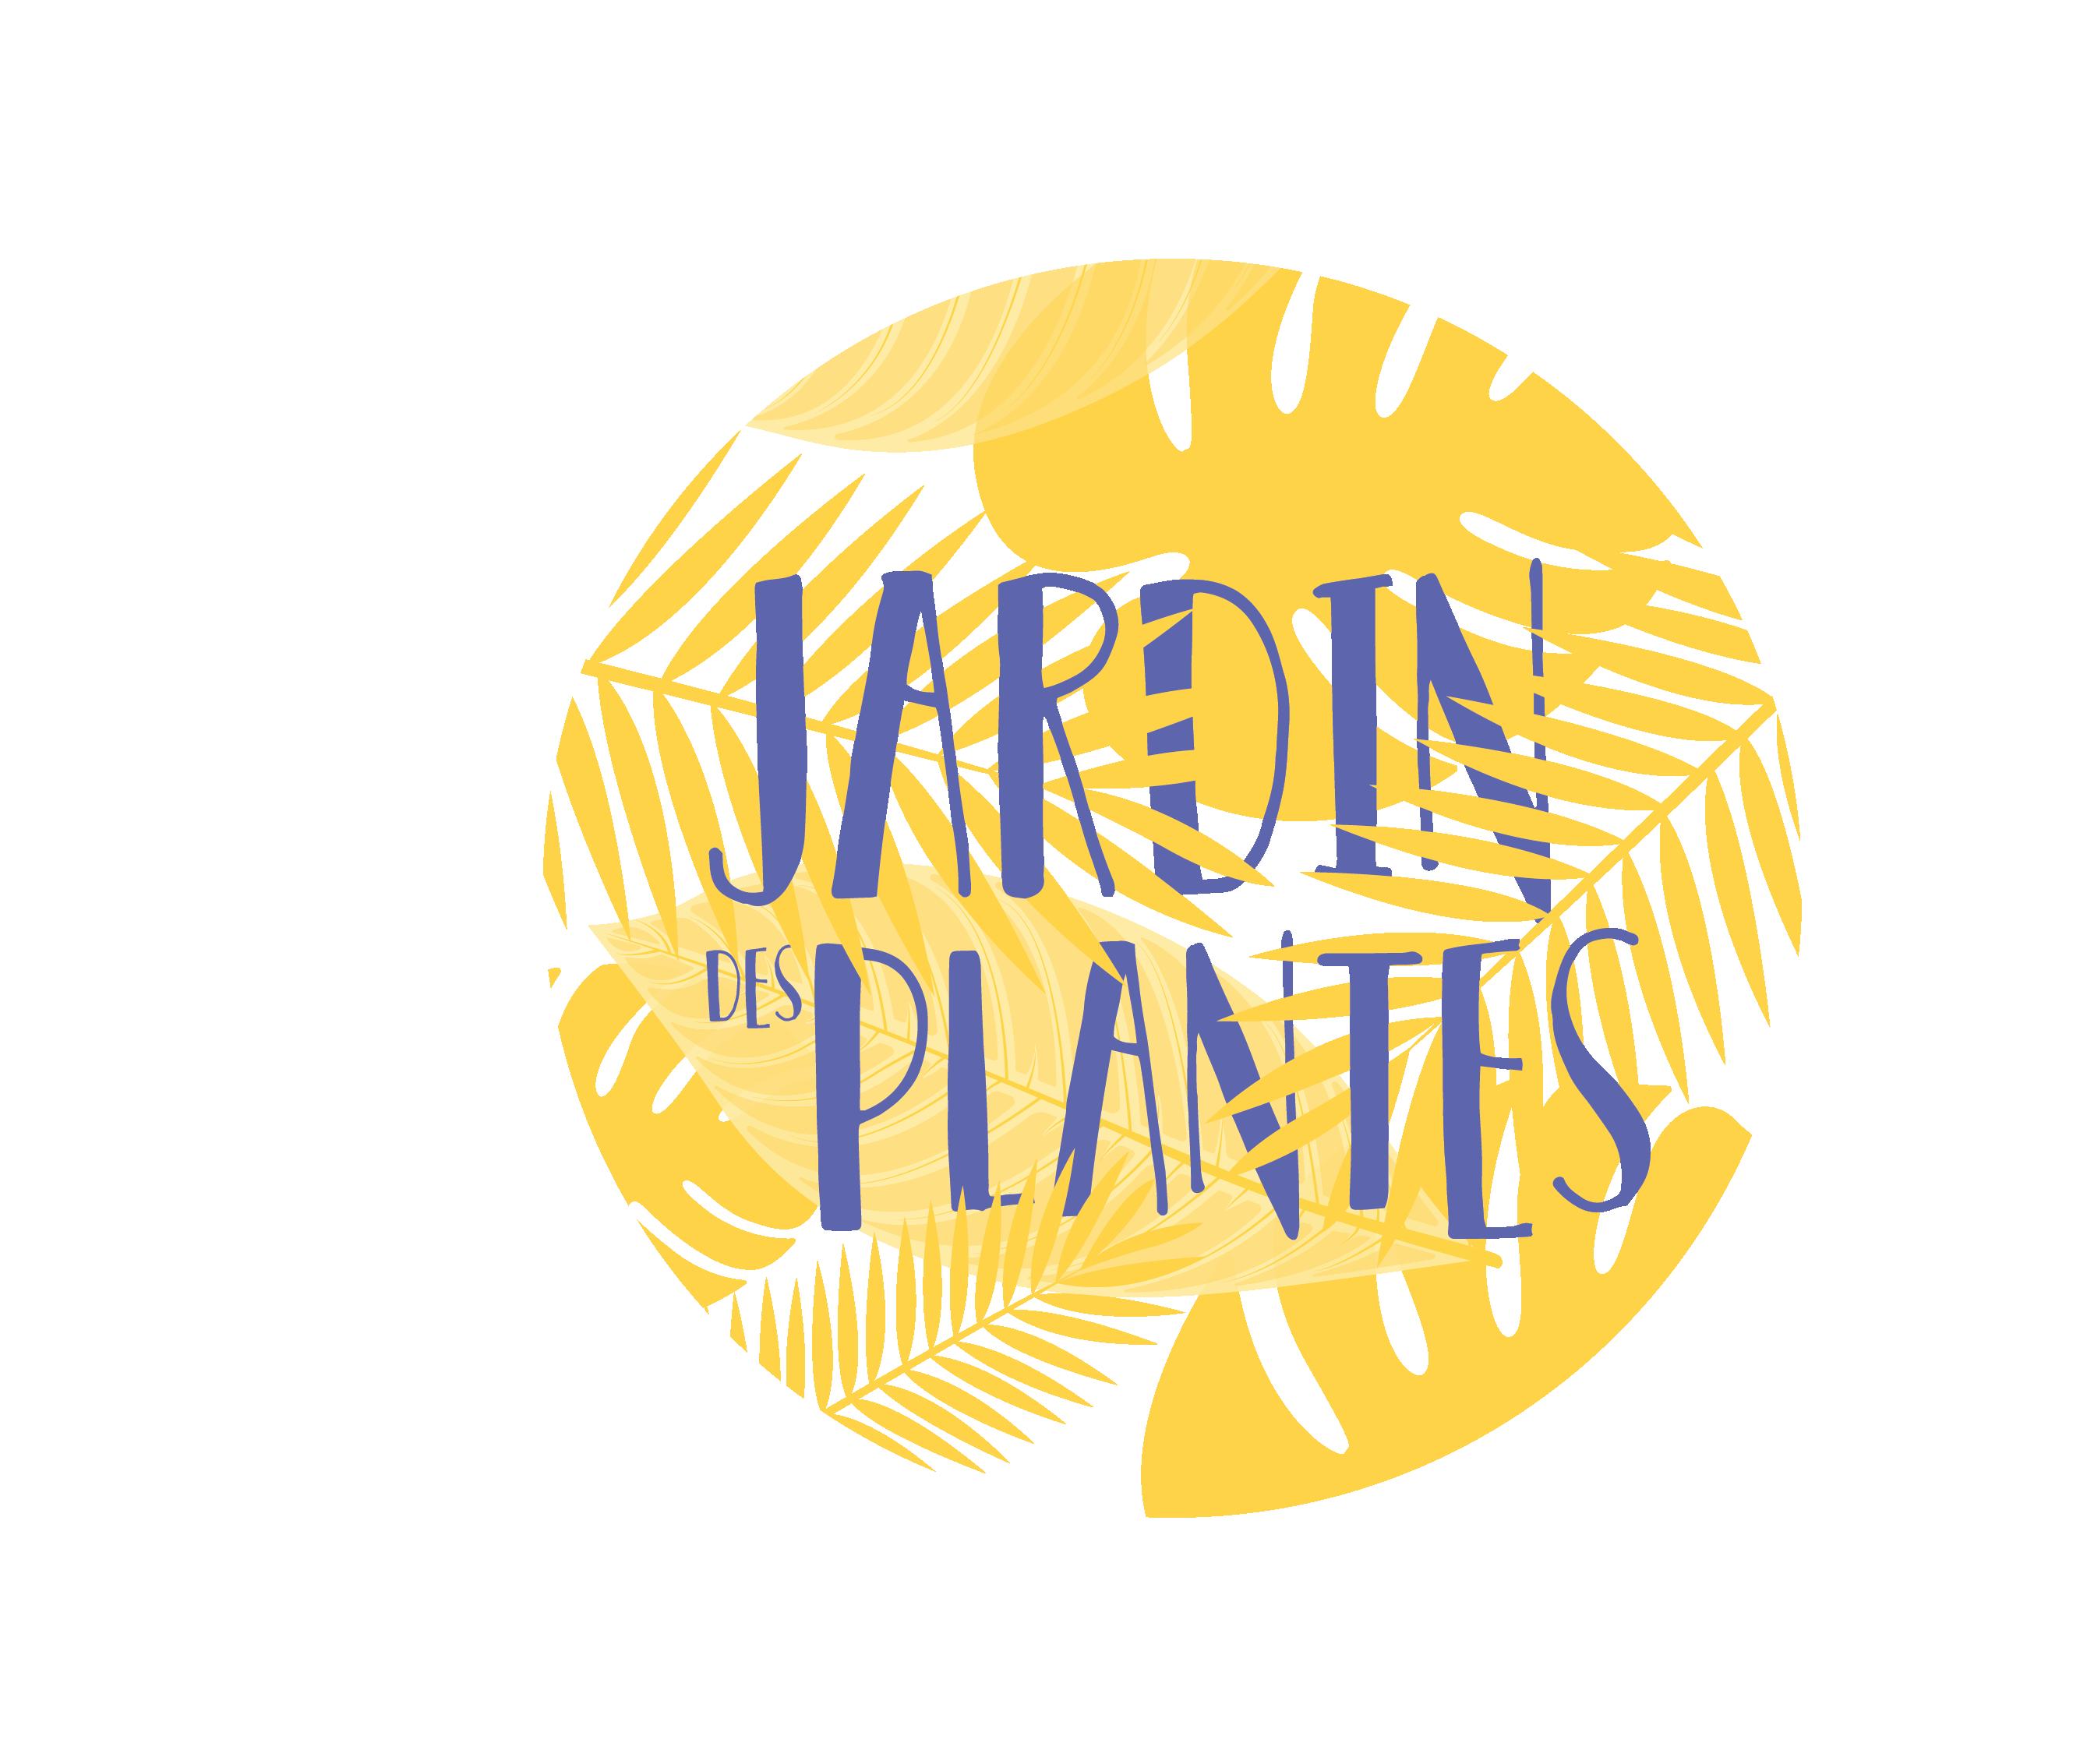 Pin by Juliette🌈 on jardin des plantes - PARSI | Home decor